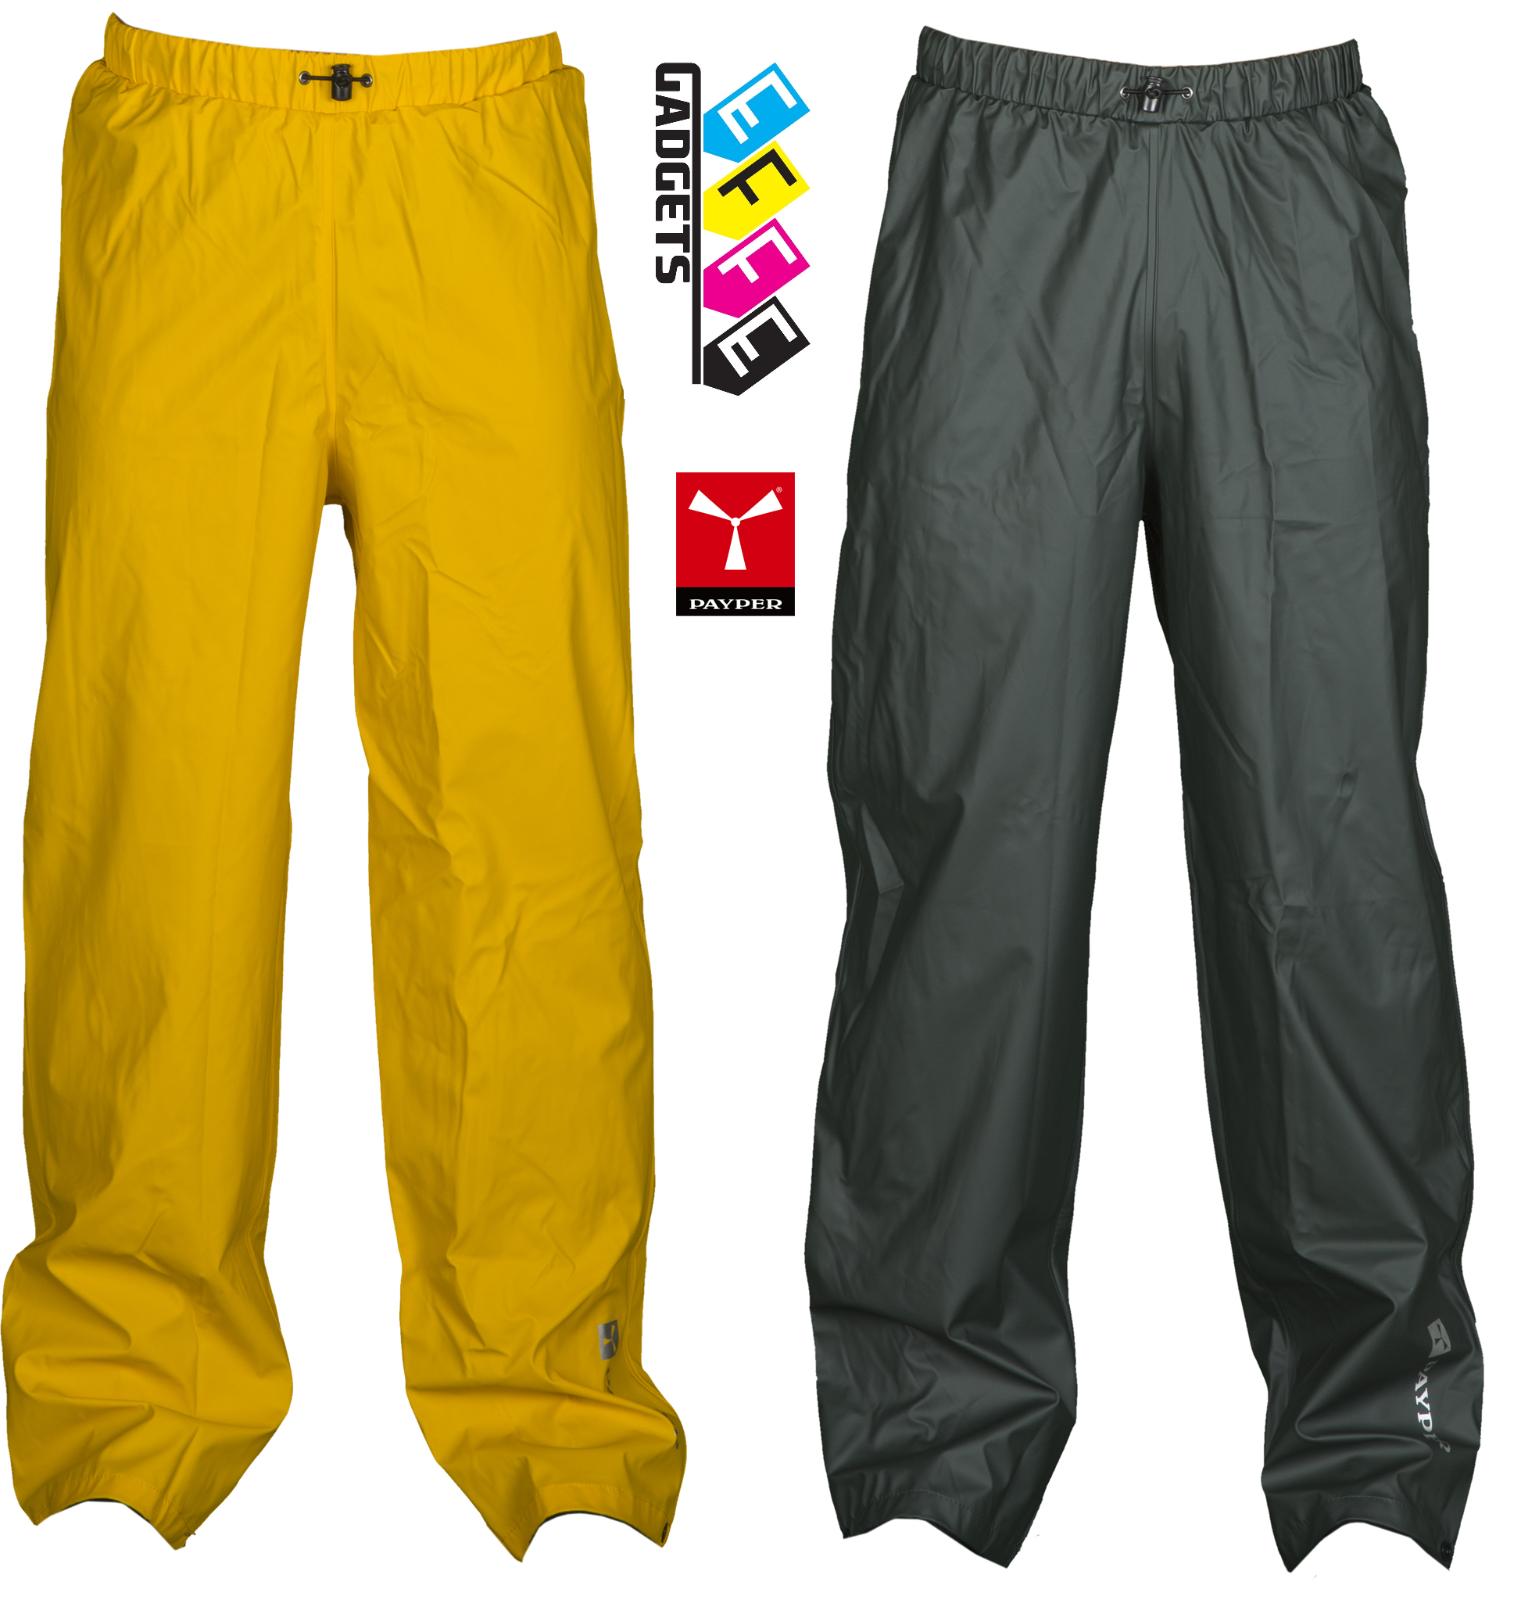 Pantalone Impermeabile da Lavoro Dry pants Payper pioggia con elastico tipo kway